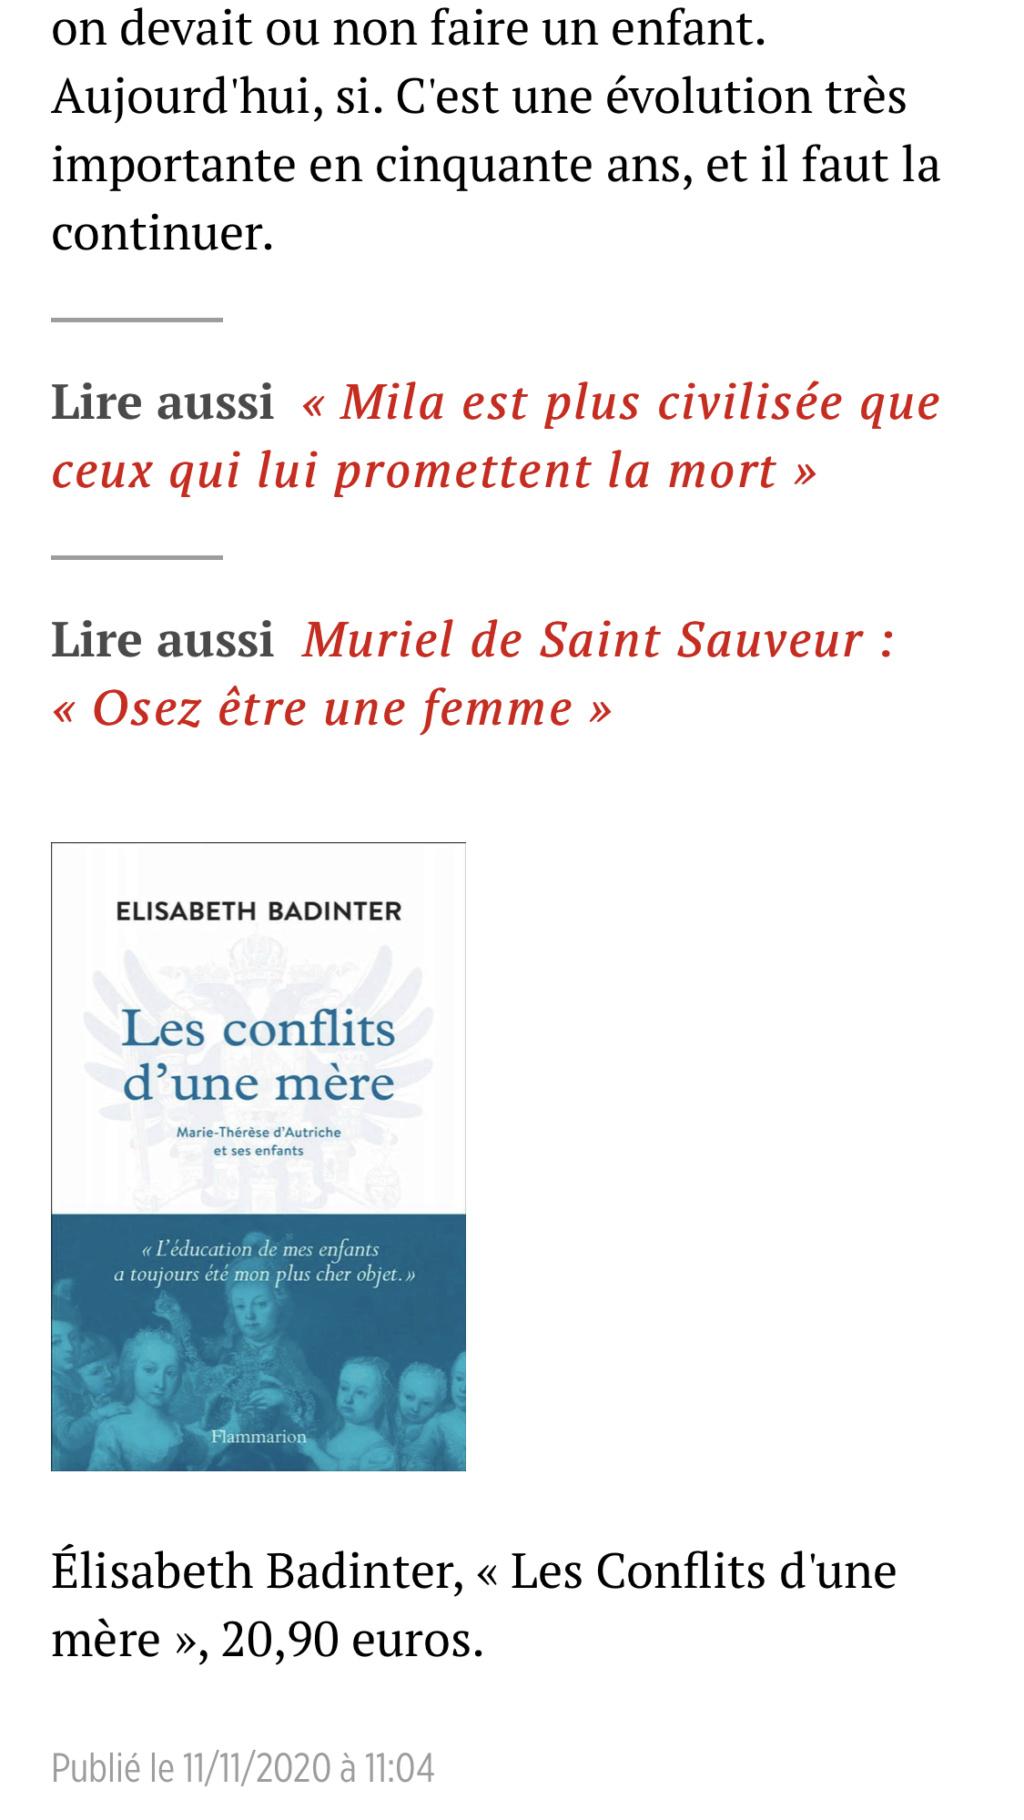 Marie-Thérèse d'Autriche : Le pouvoir au féminin & Les conflits d'une mère. De Elisabeth Badinter - Page 2 566d0510